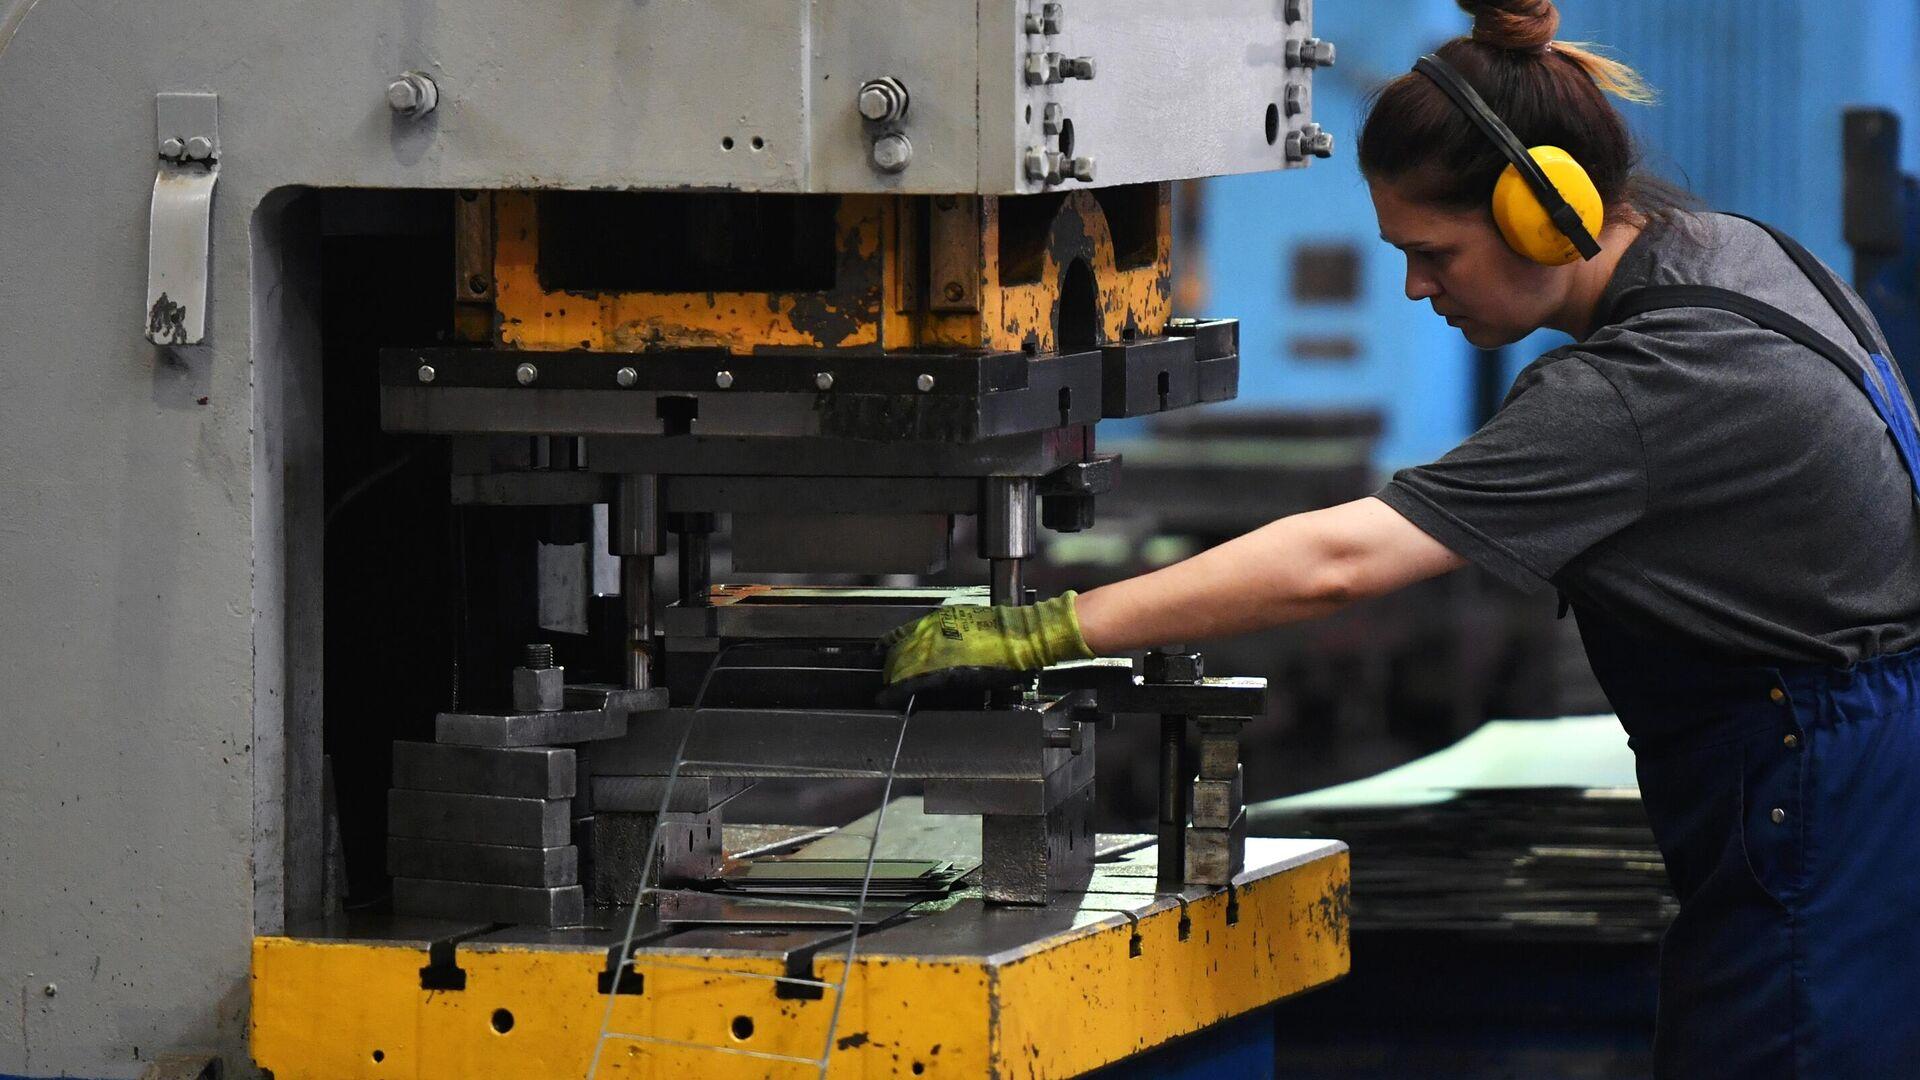 Сотрудница в цехе по производству лифтового оборудования на Щербинском лифтостроительном заводе - РИА Новости, 1920, 16.07.2020